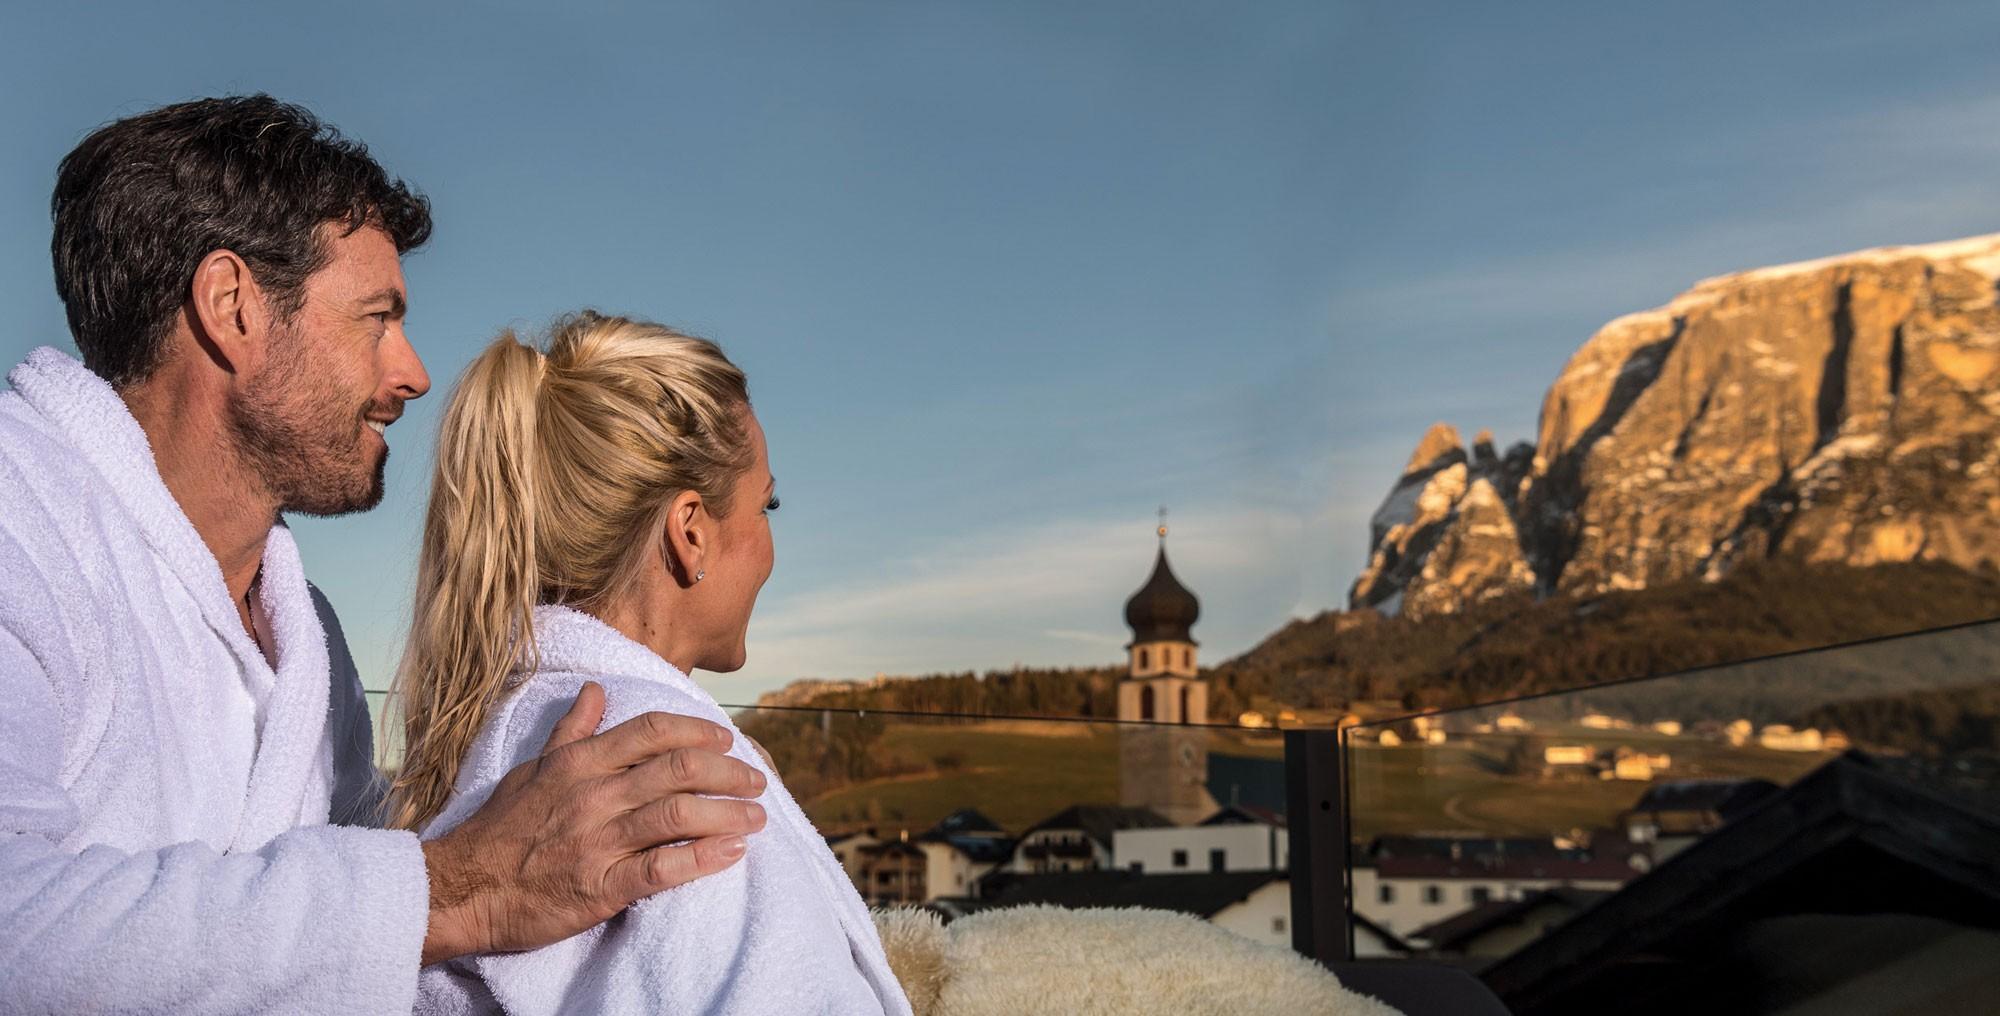 wir-2 Partneragentur Vls Tirol - menus2view.com